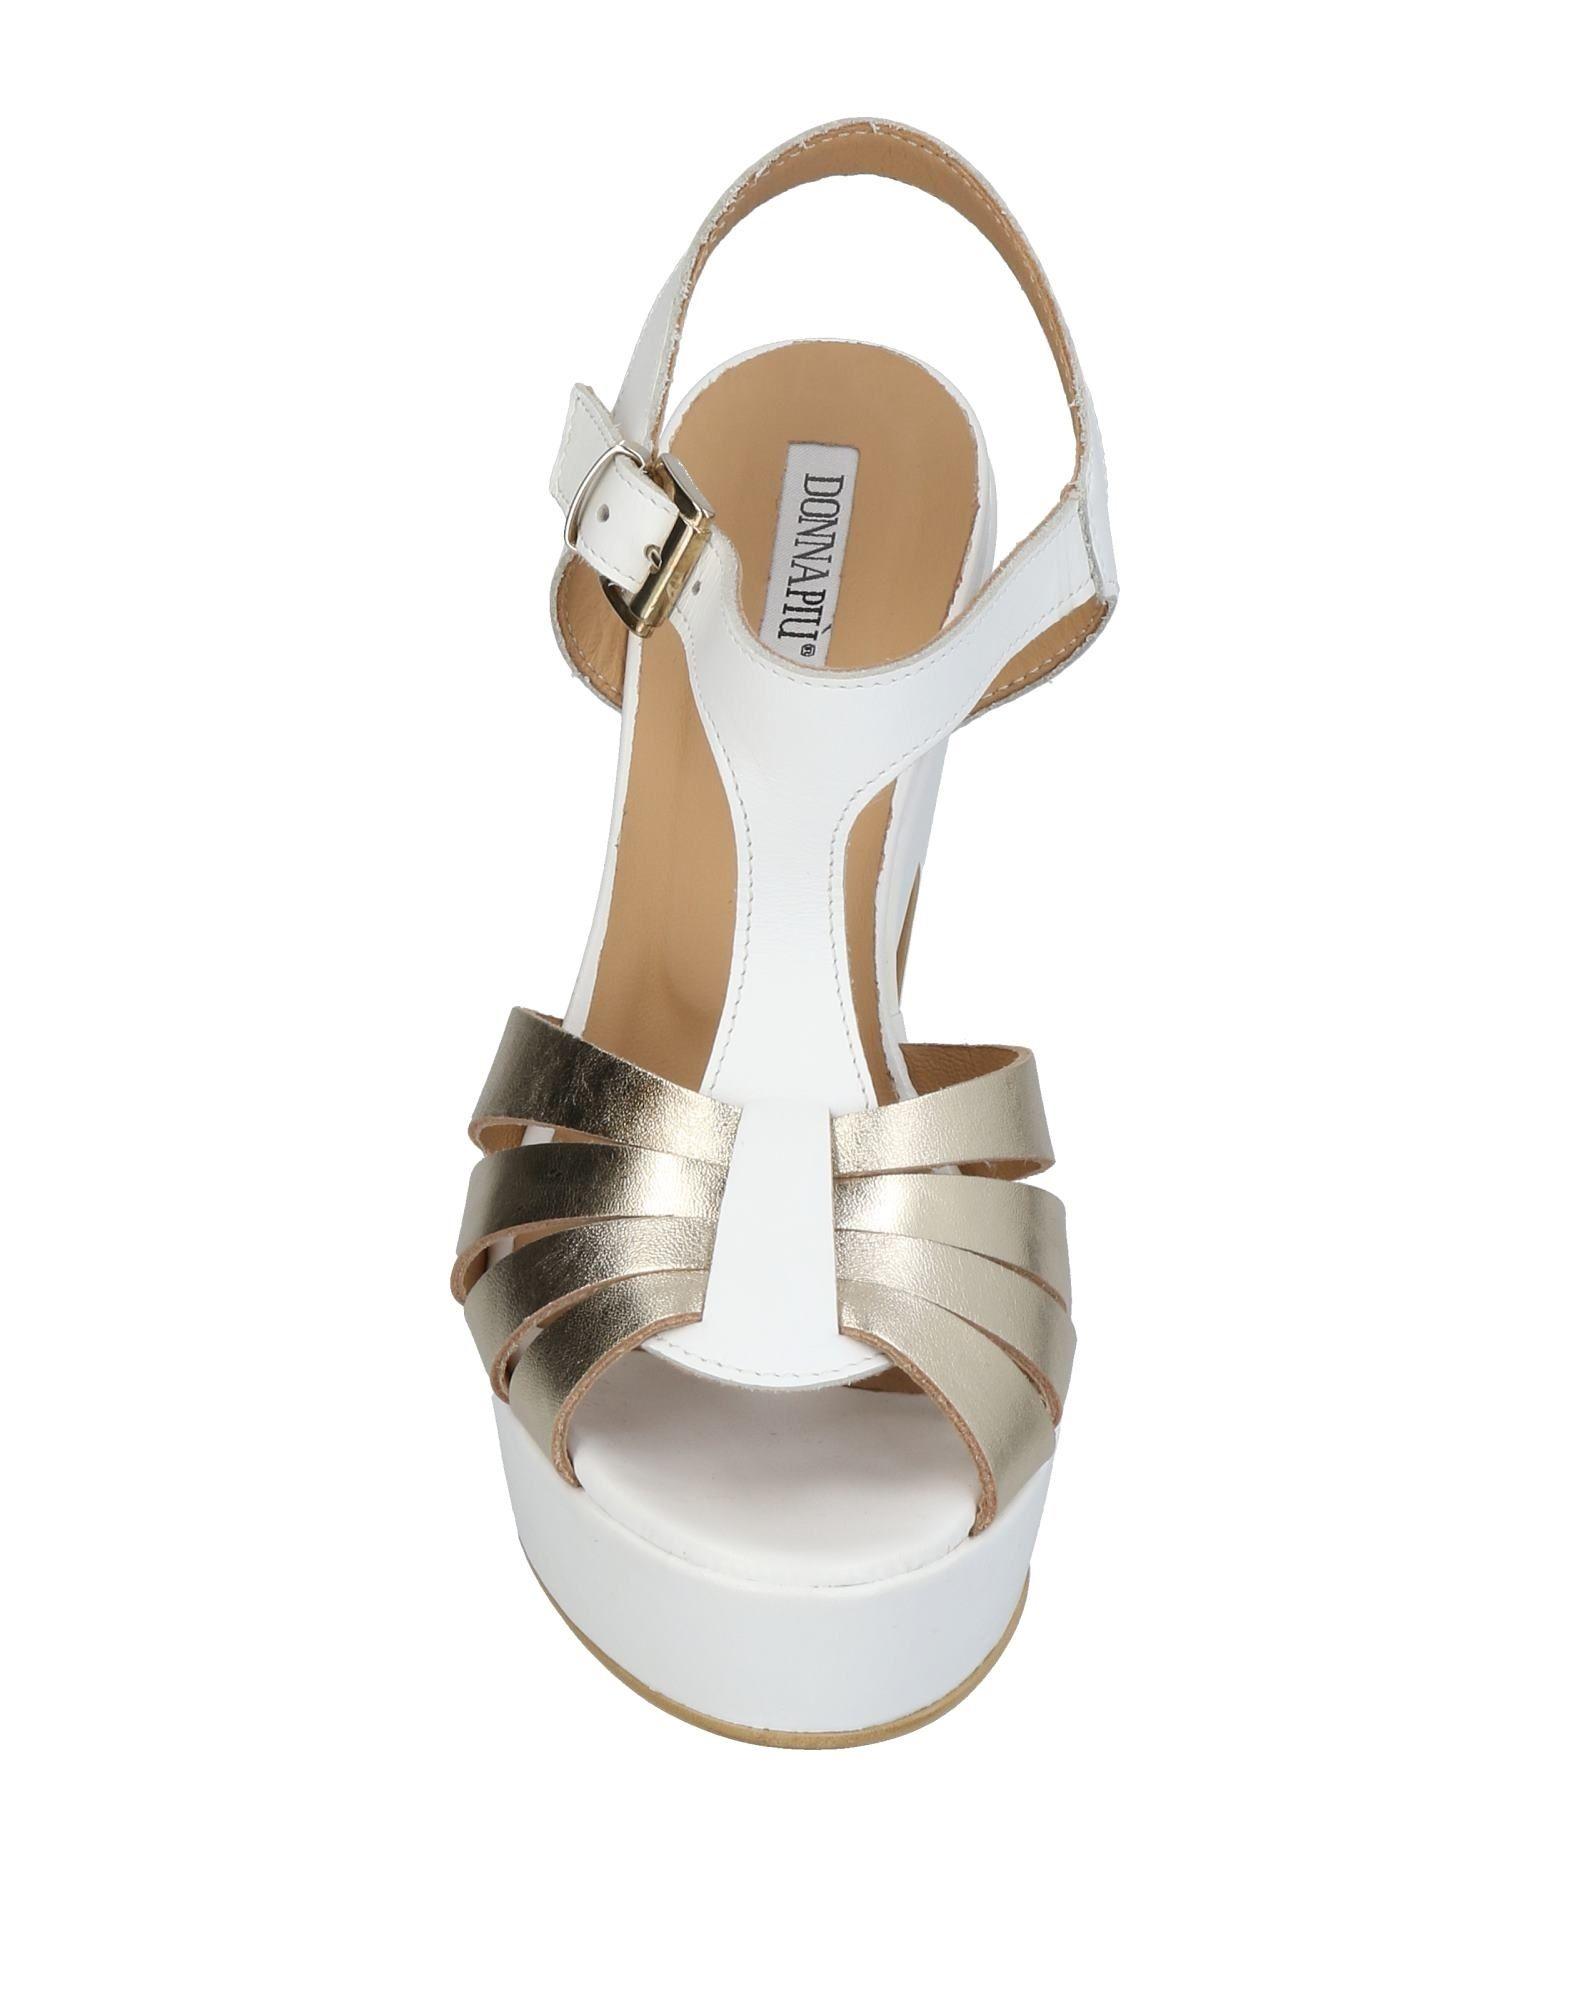 Sandales Donna Più Femme - Sandales Donna Più sur